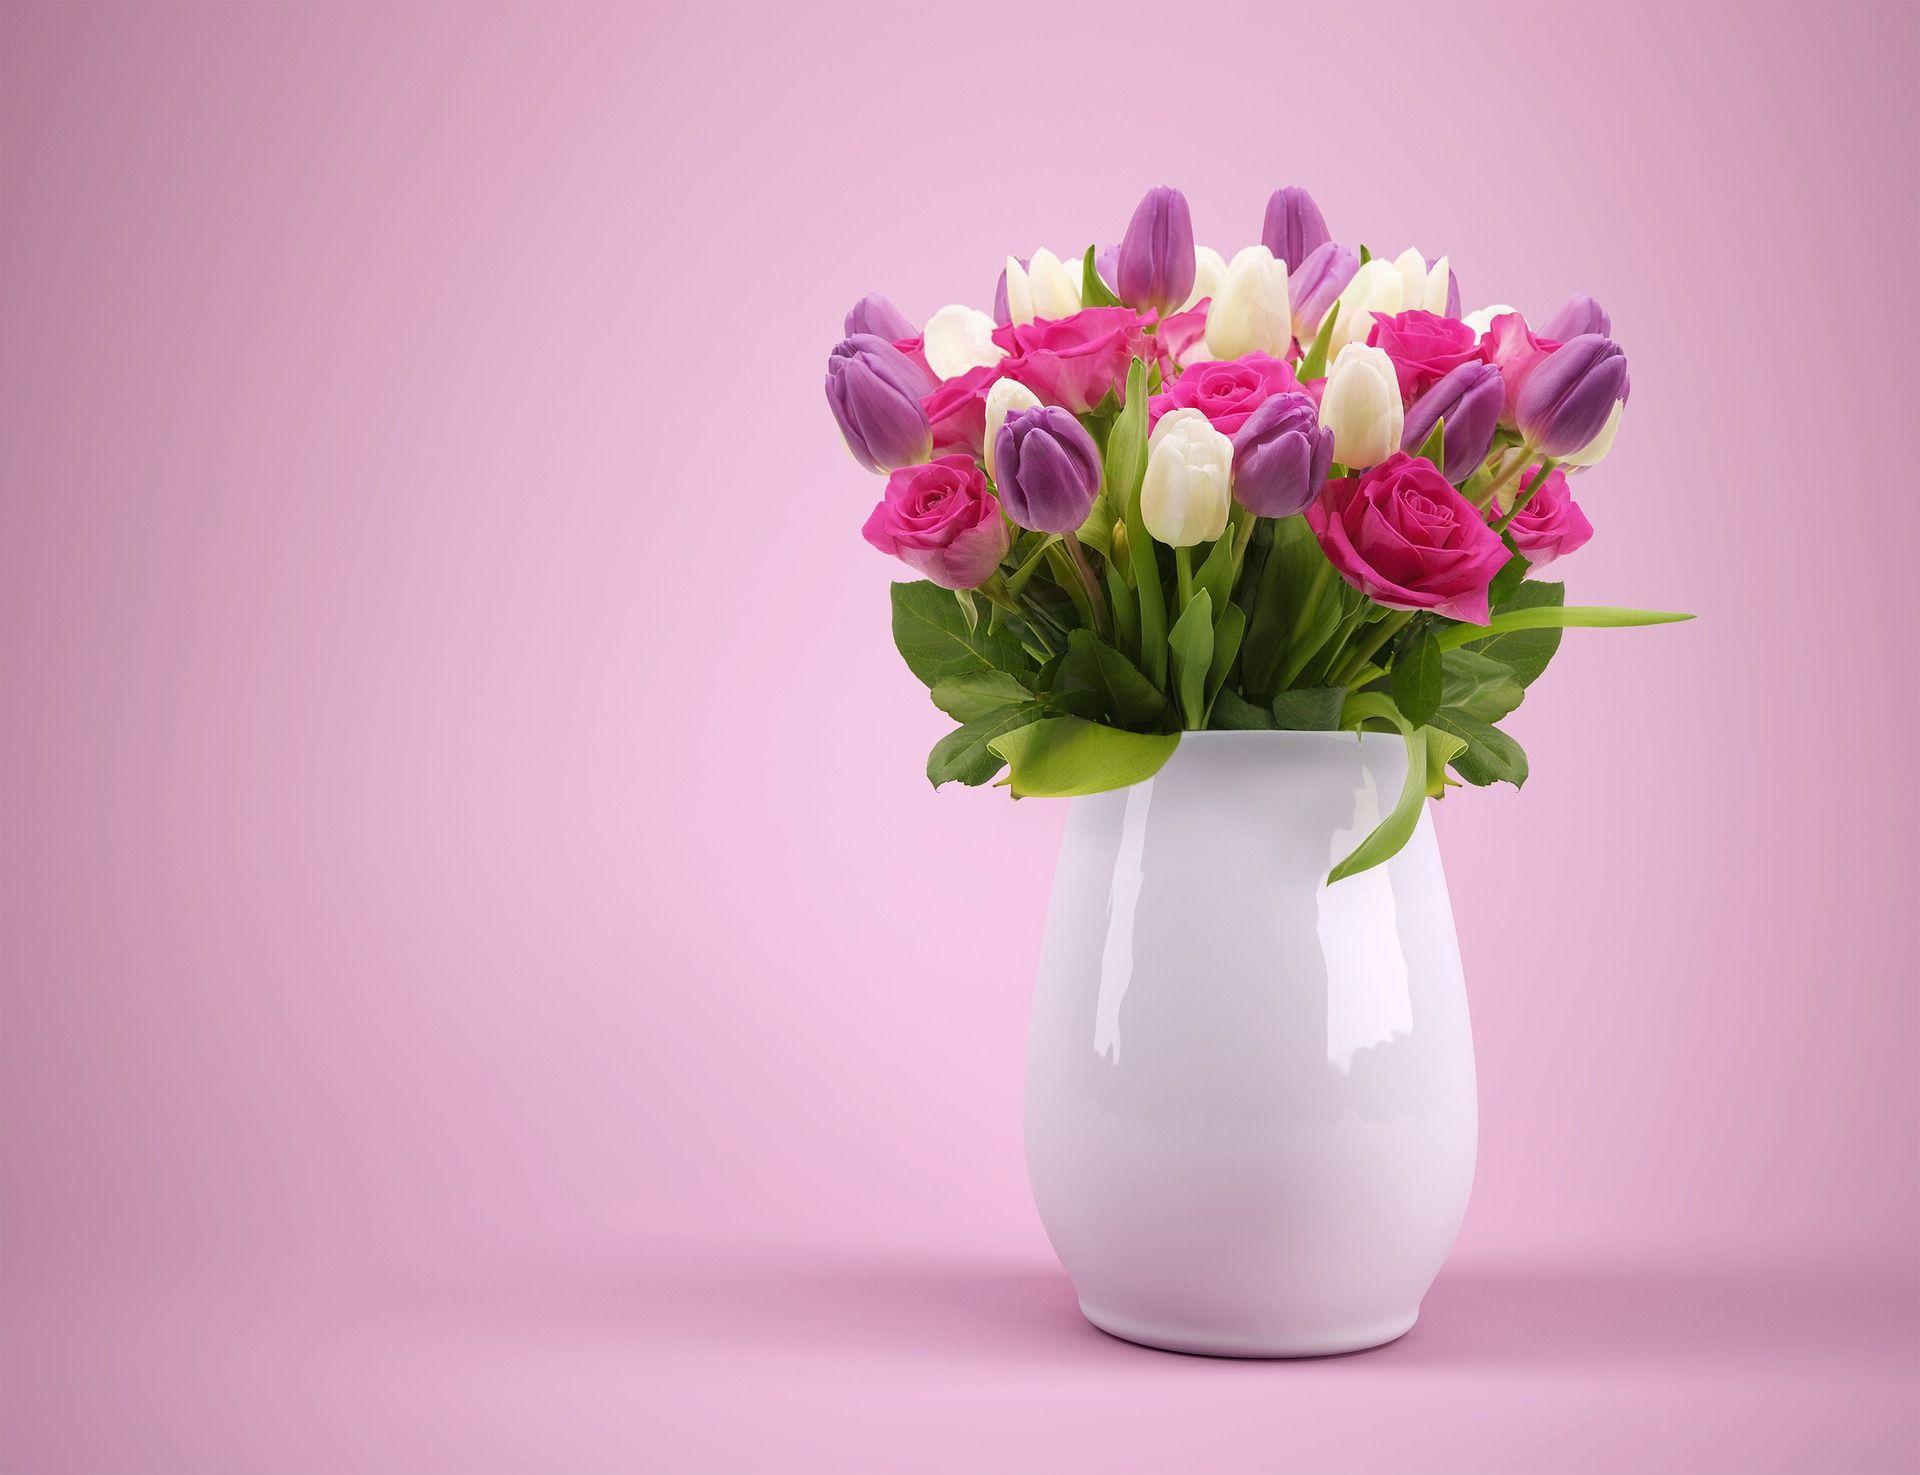 Diy Como Fazer Jarro De Flores Com Garrafa Tulipas Roxas Flores